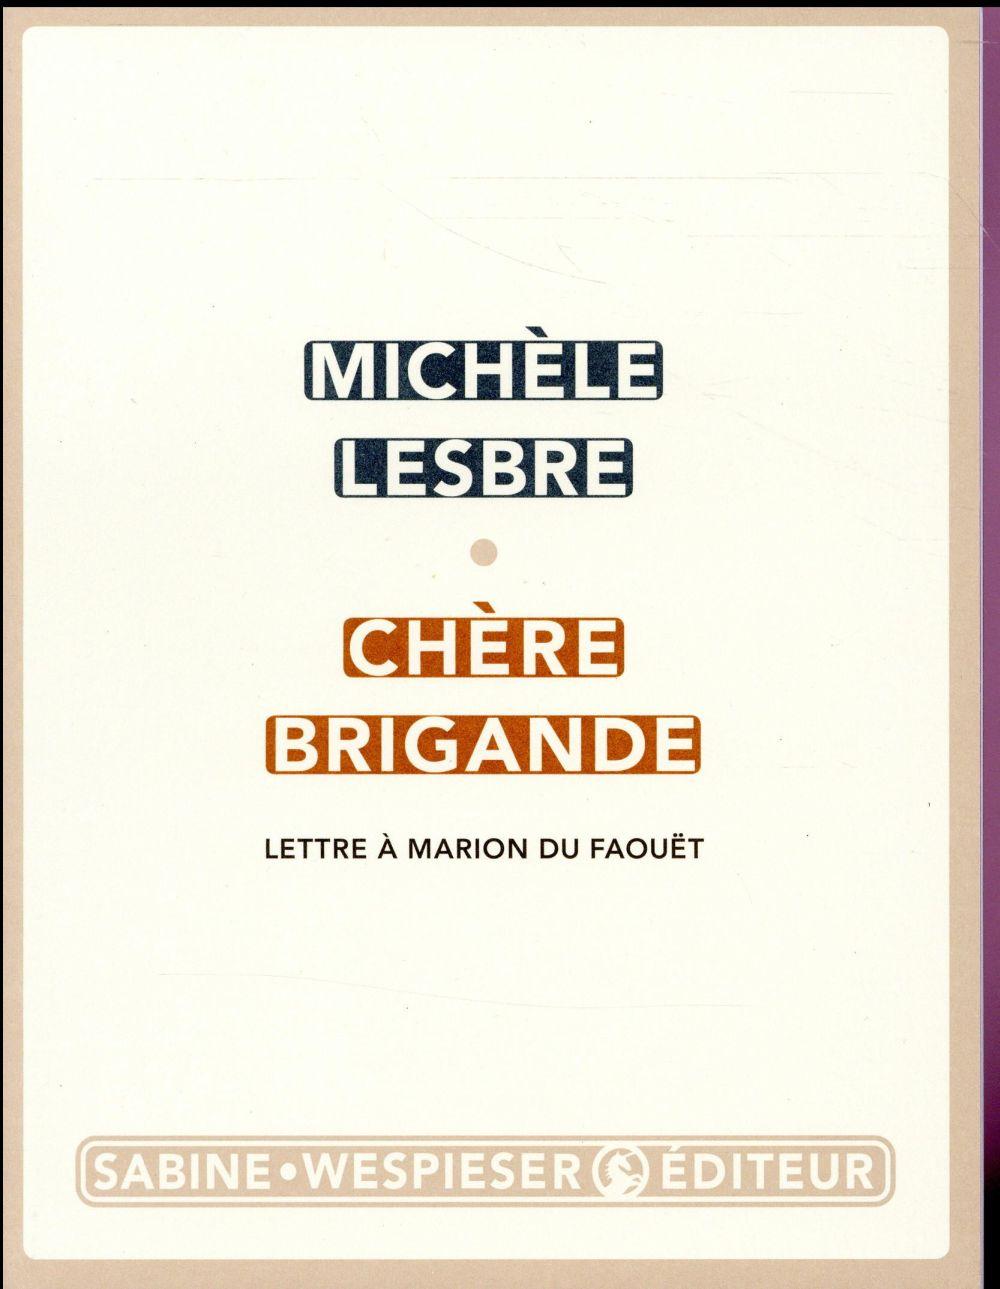 CHERE BRIGANDE - LETTRE A MARION DU FAOUET